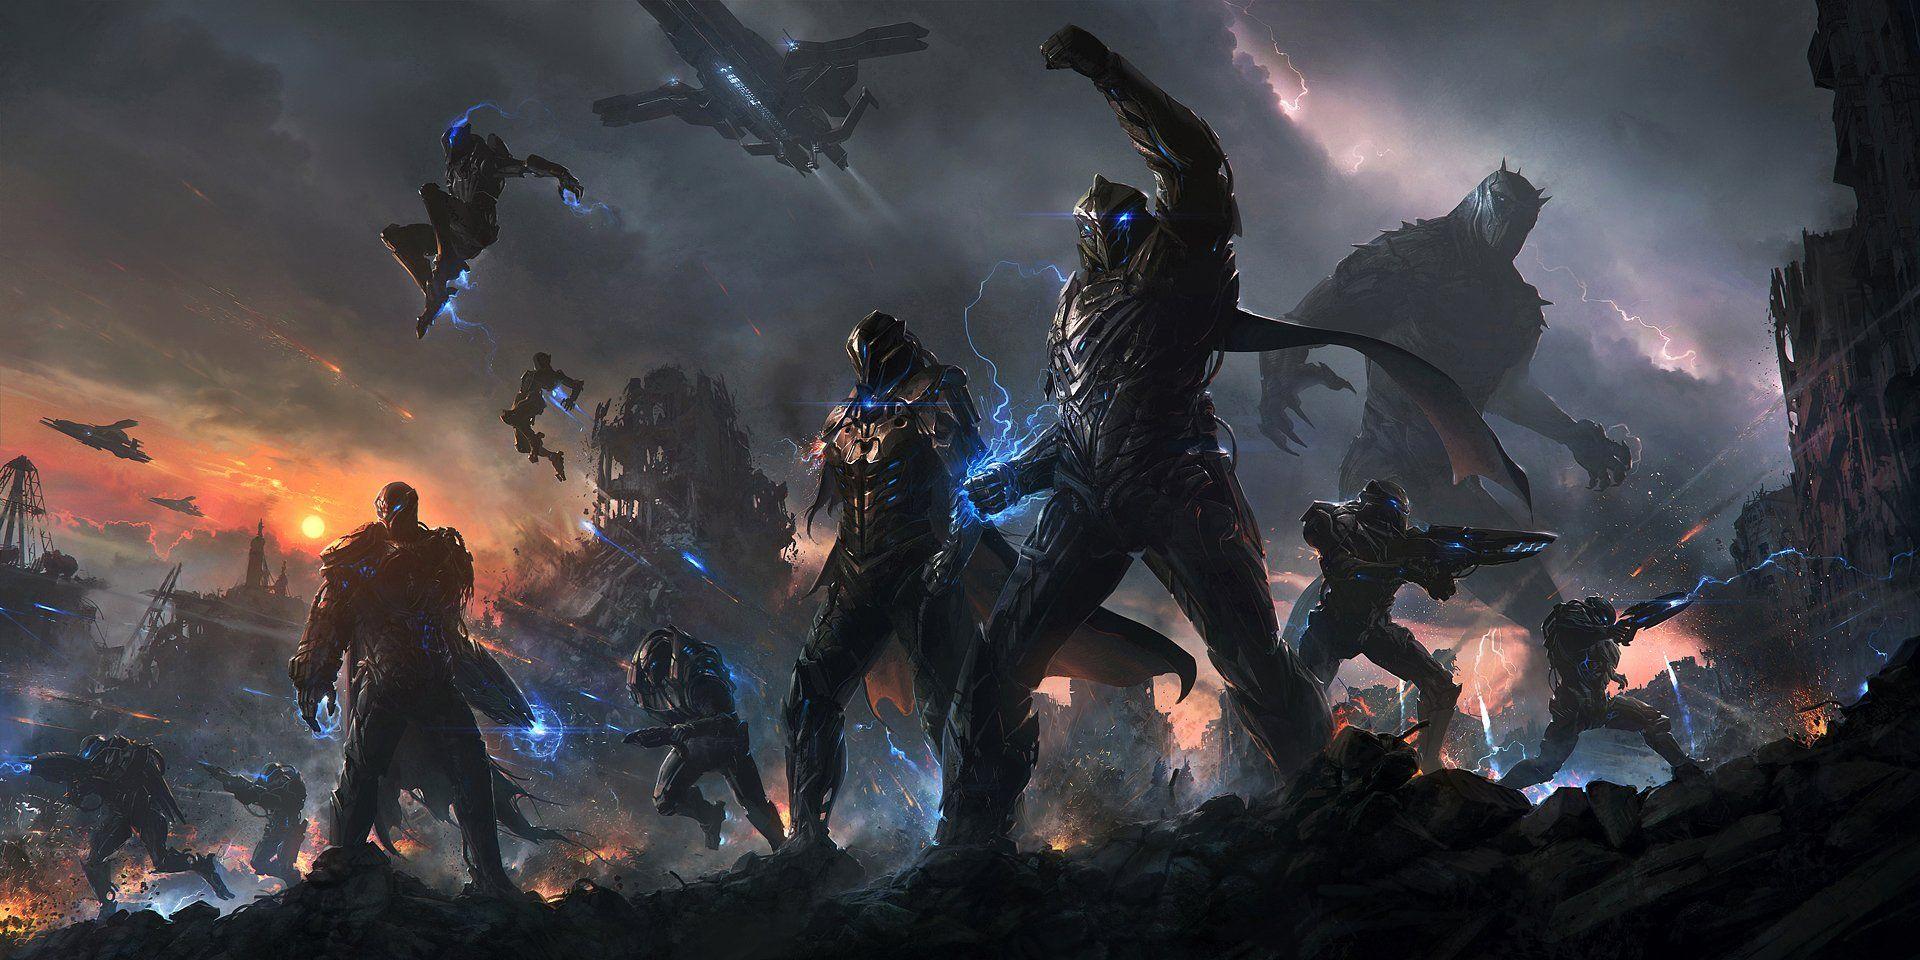 Sci Fi War Sci Fi Battle Soldier Wallpaper Concept Art World Concept Art Art